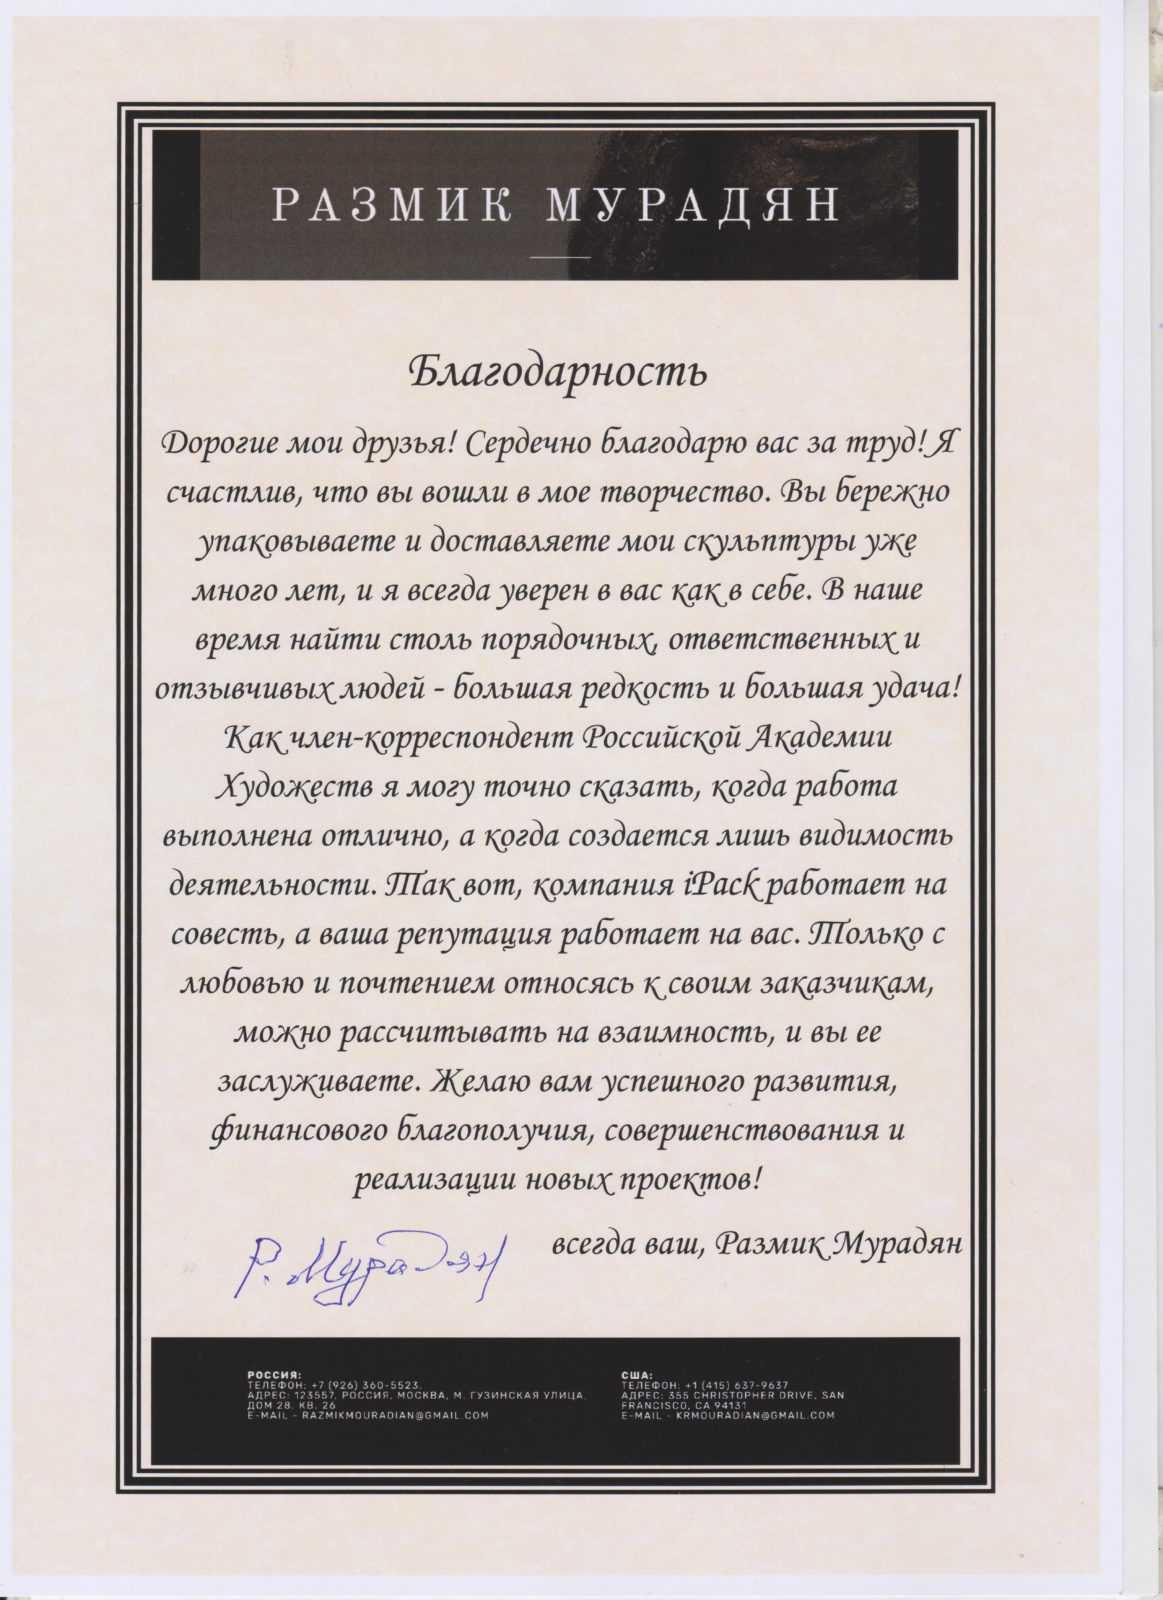 Отзыв о компании Ipack24 от «Размик Мурадян»